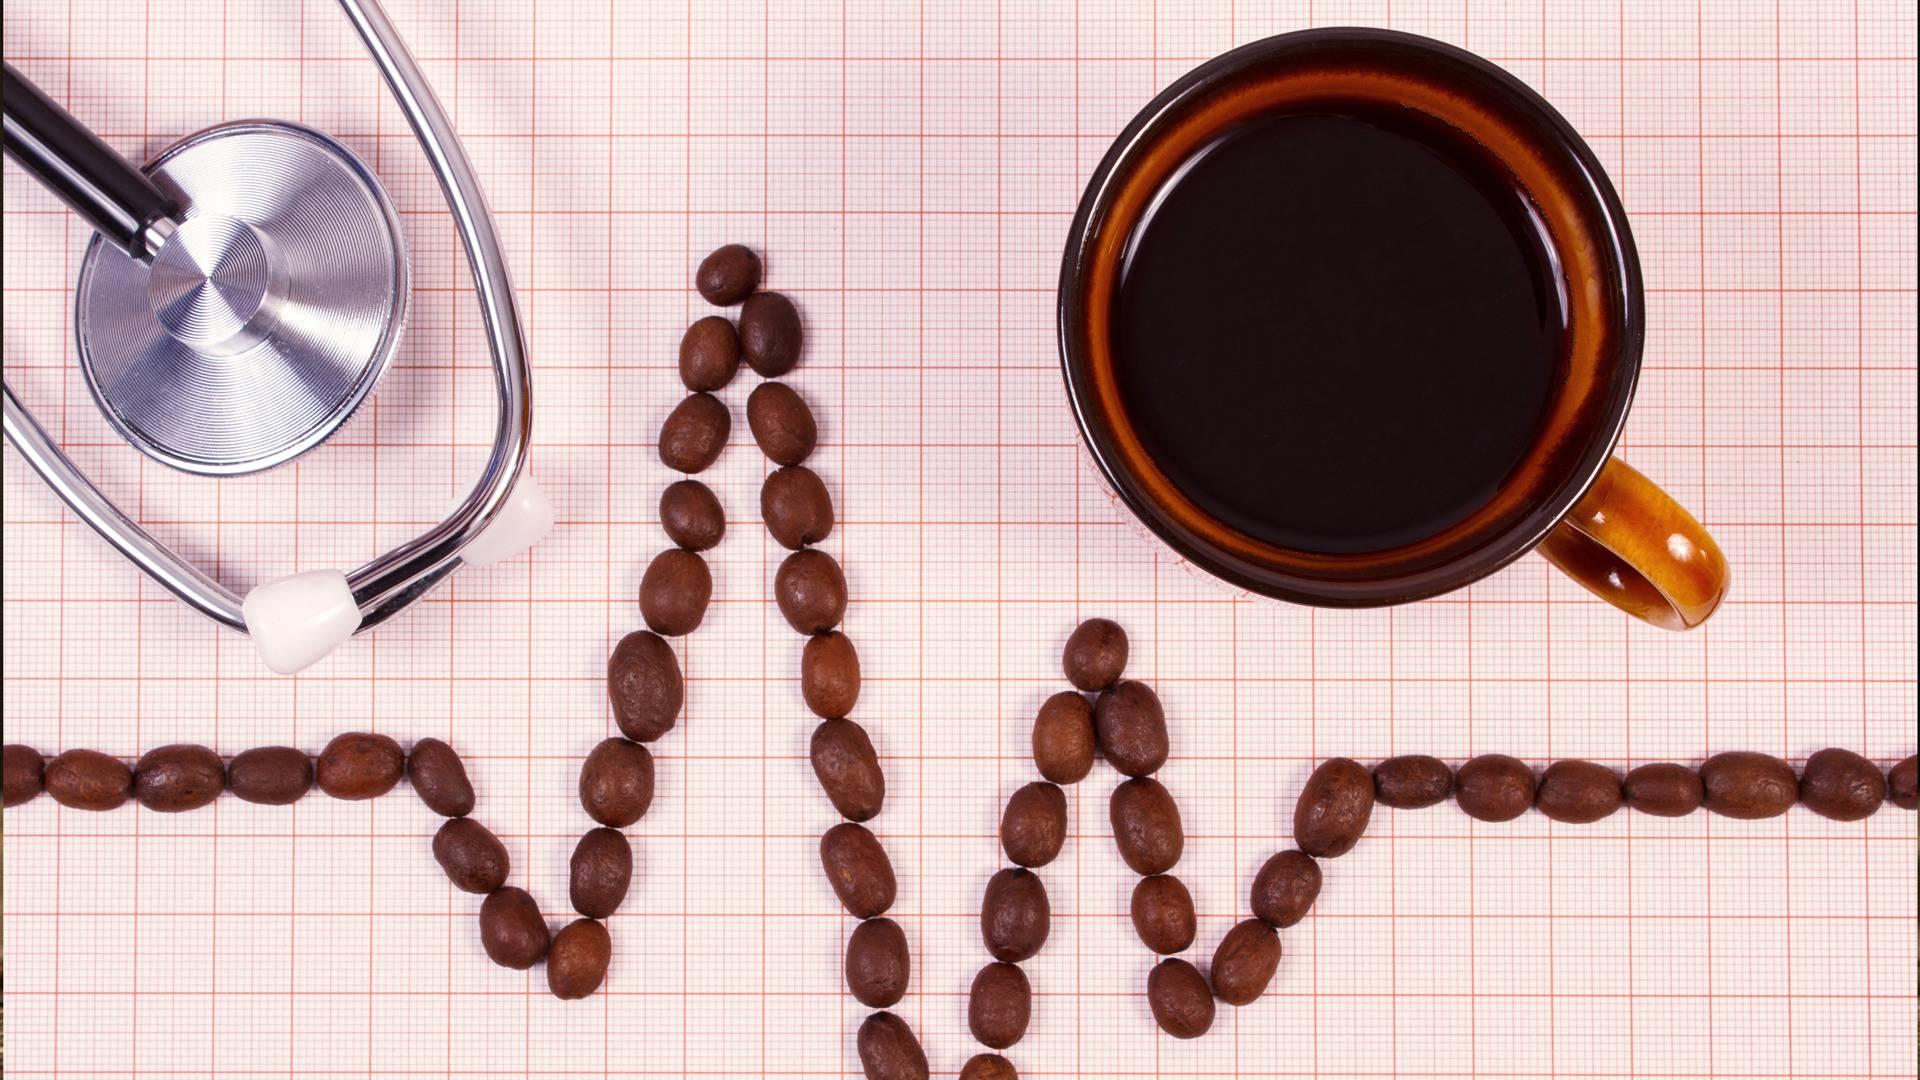 Влияние кофе на сосуды: сужает или расширяет, действие на сосуды головного мозга и другие артерии и вены